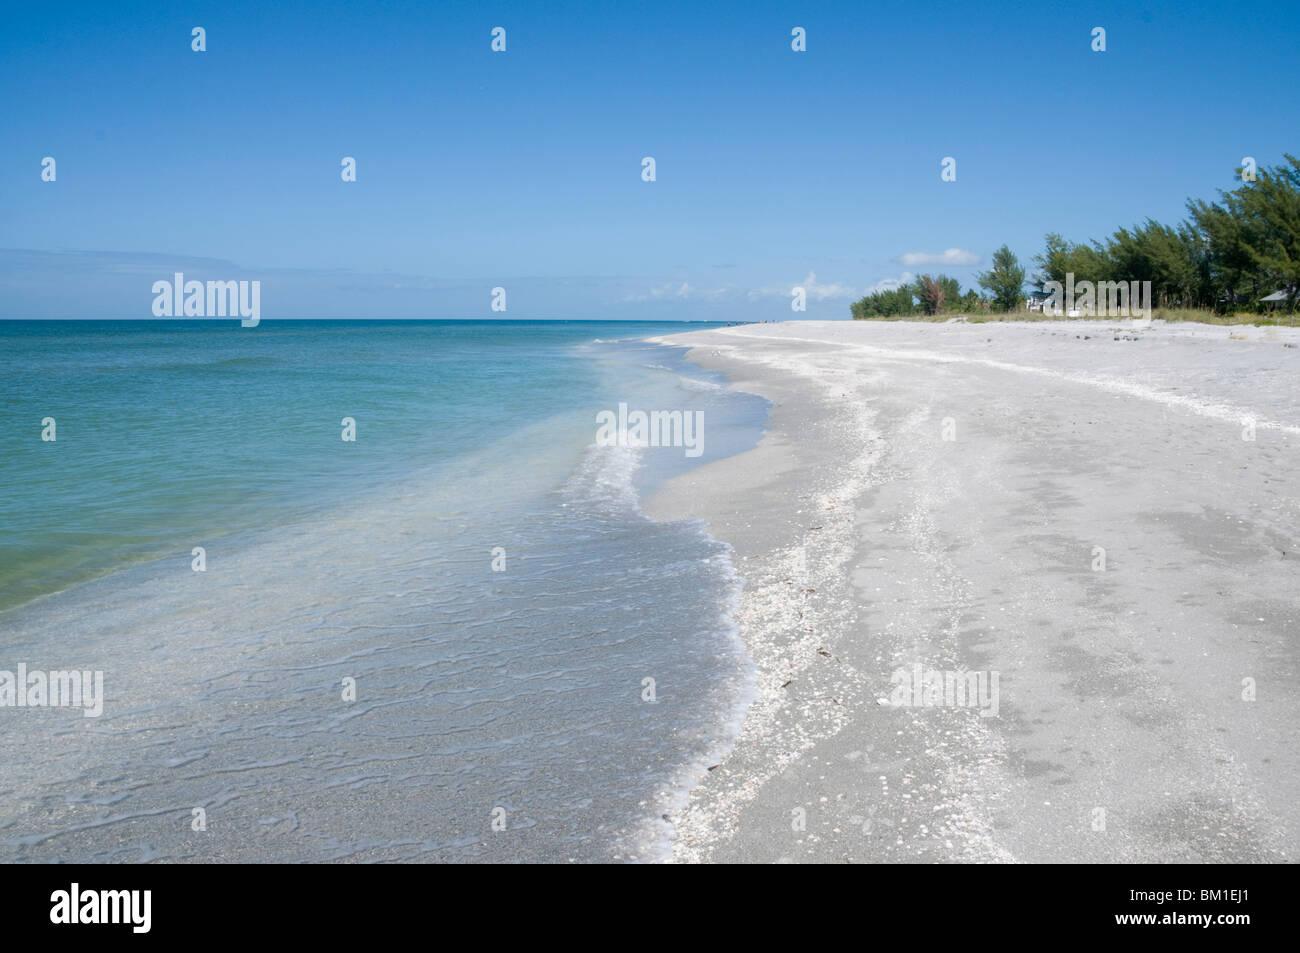 Plage couverte de coquillages, Captiva Island, la Côte du Golfe, Floride, États-Unis d'Amérique, Photo Stock